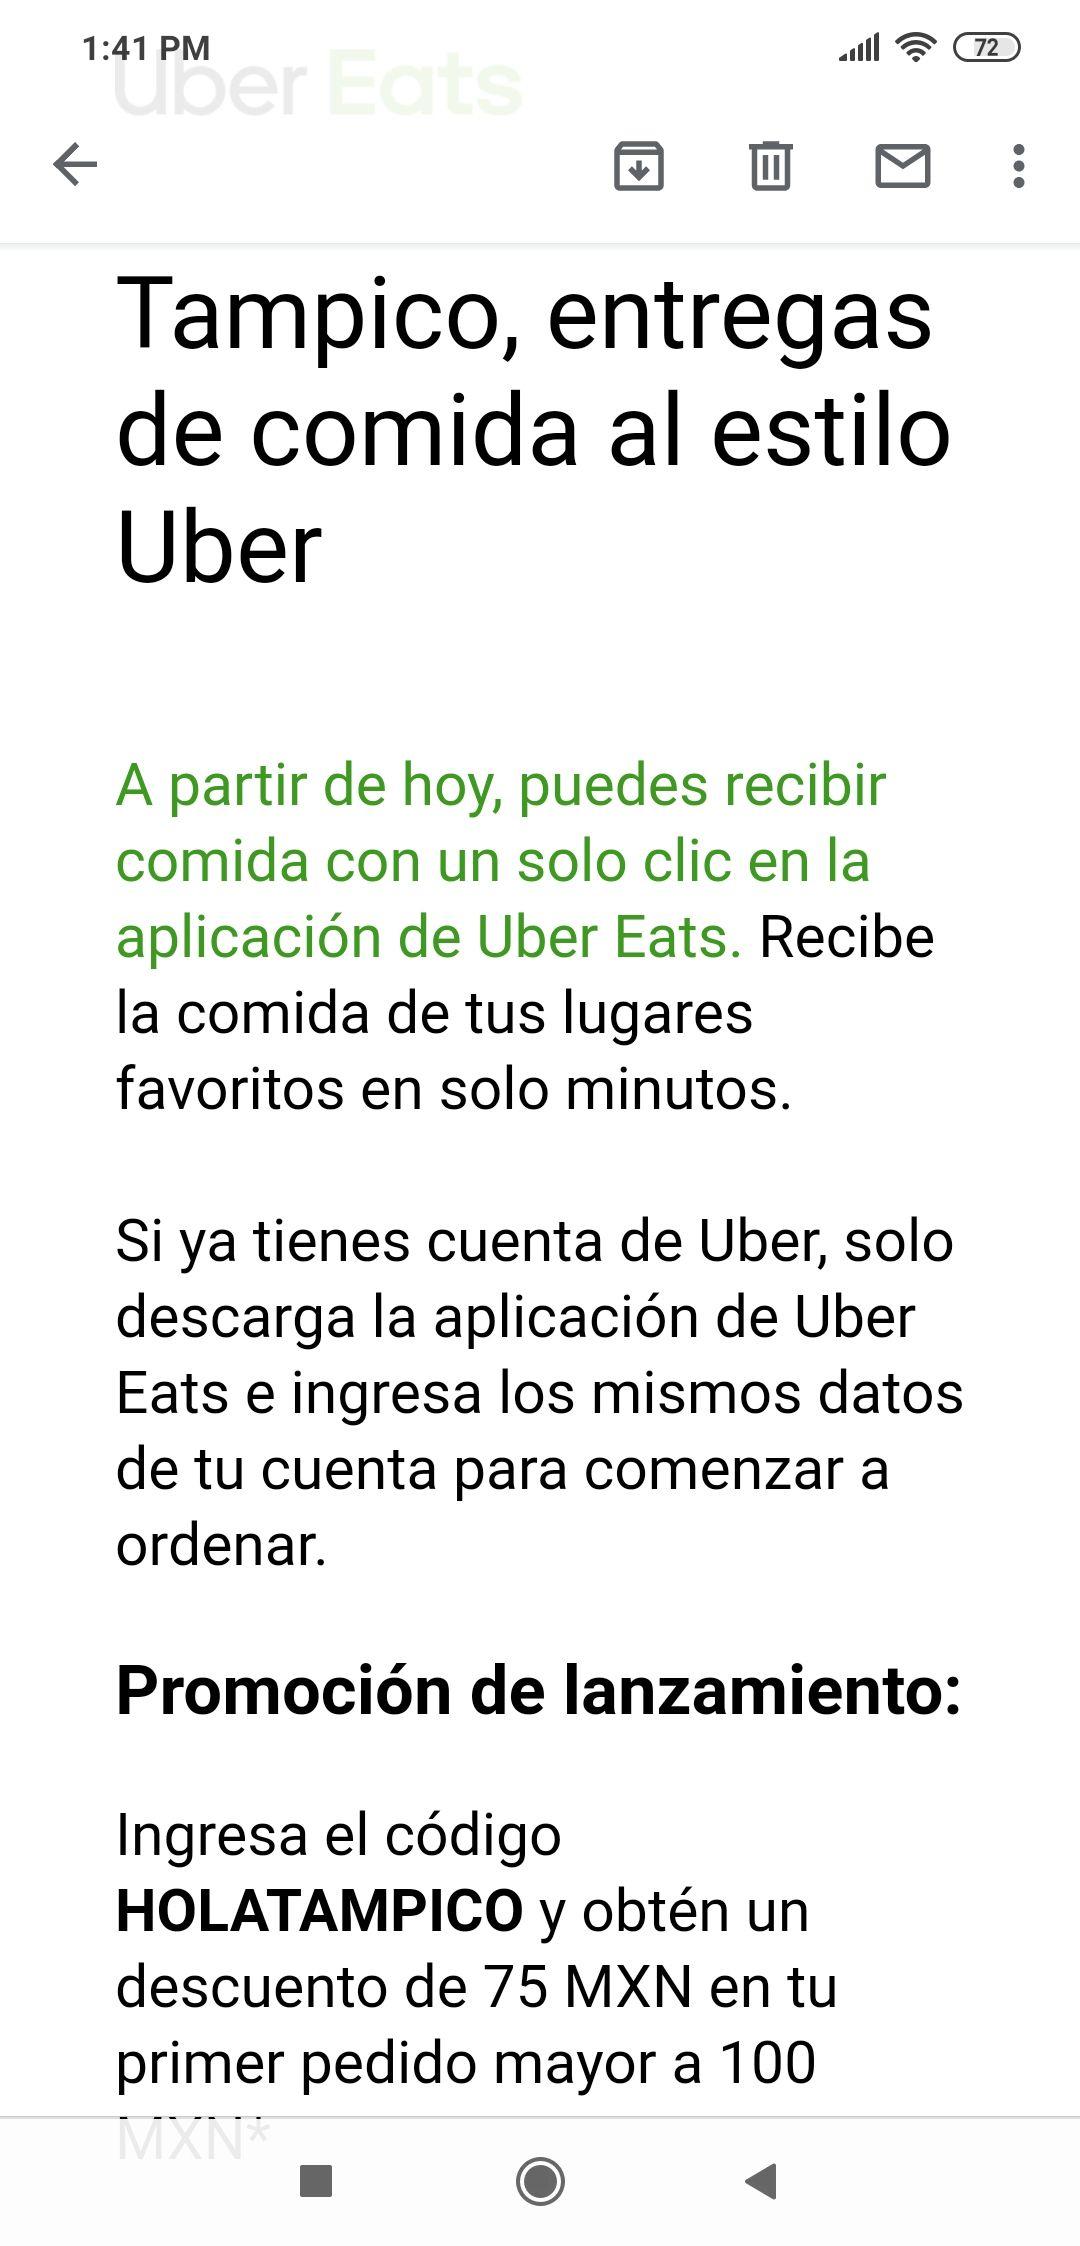 Uber eats Tampico $75 de descuento